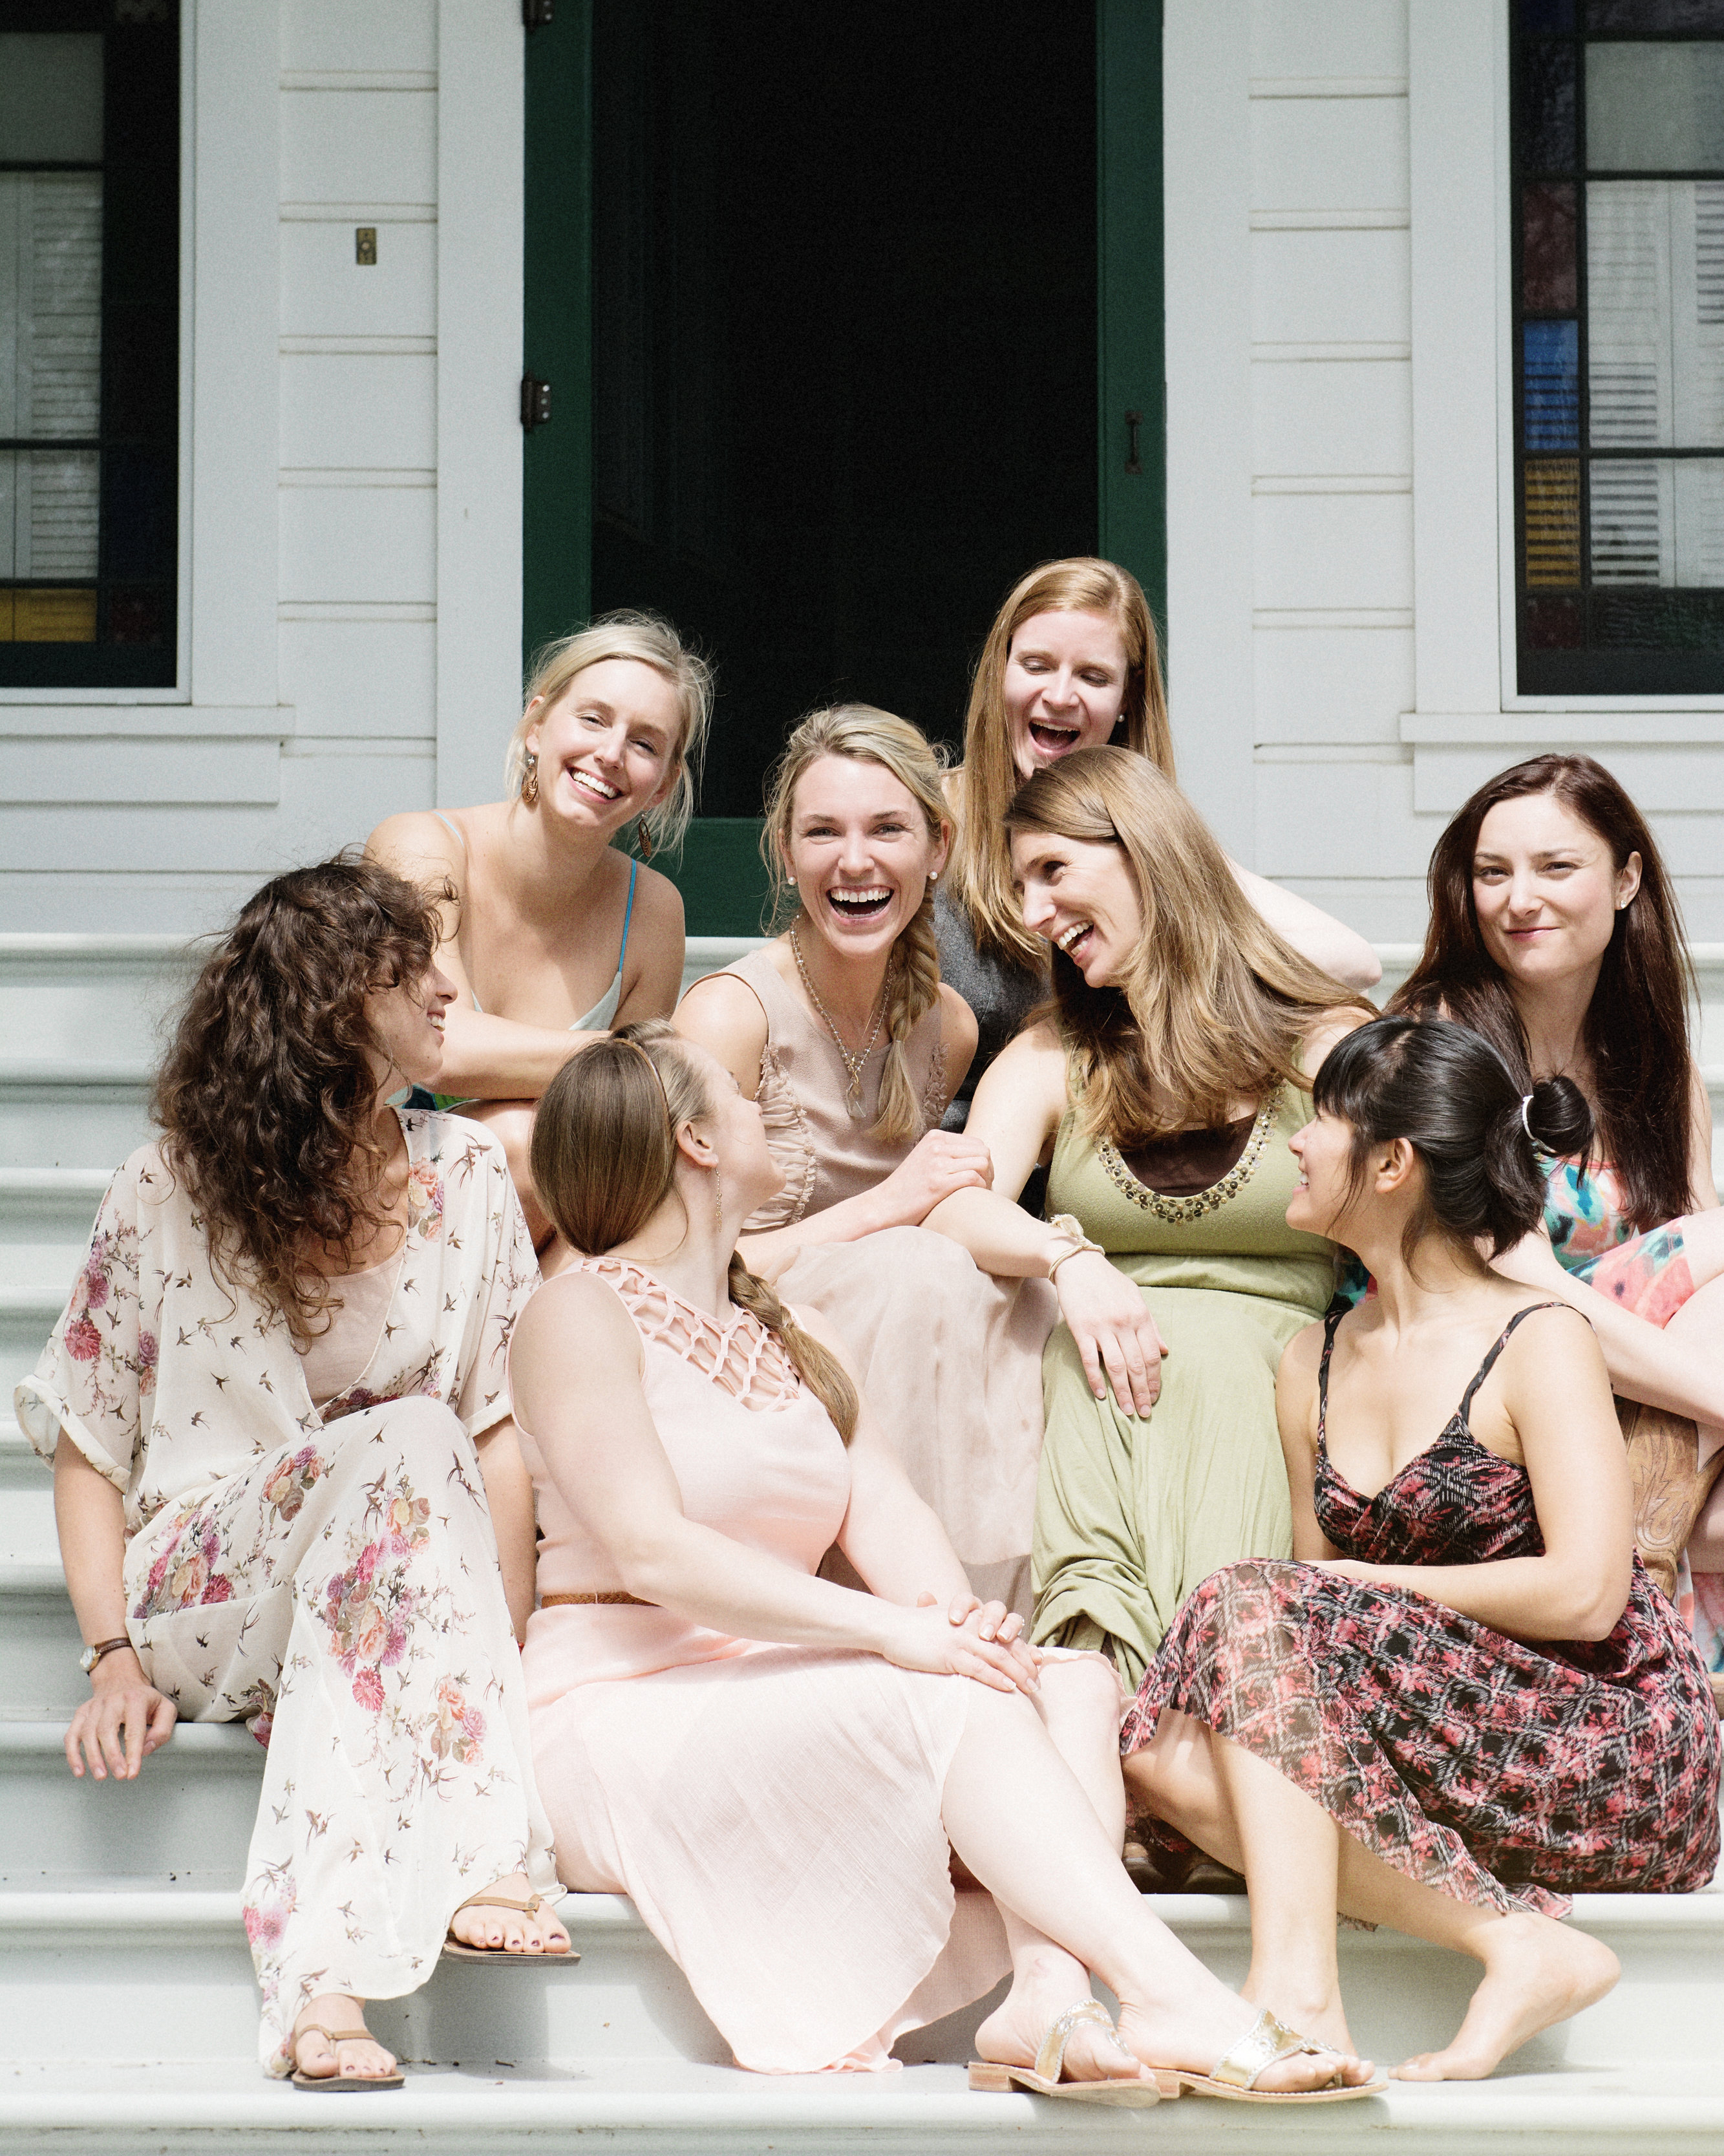 scavenger-hunt-bridal-shower-friends-on-porch-0315.jpg